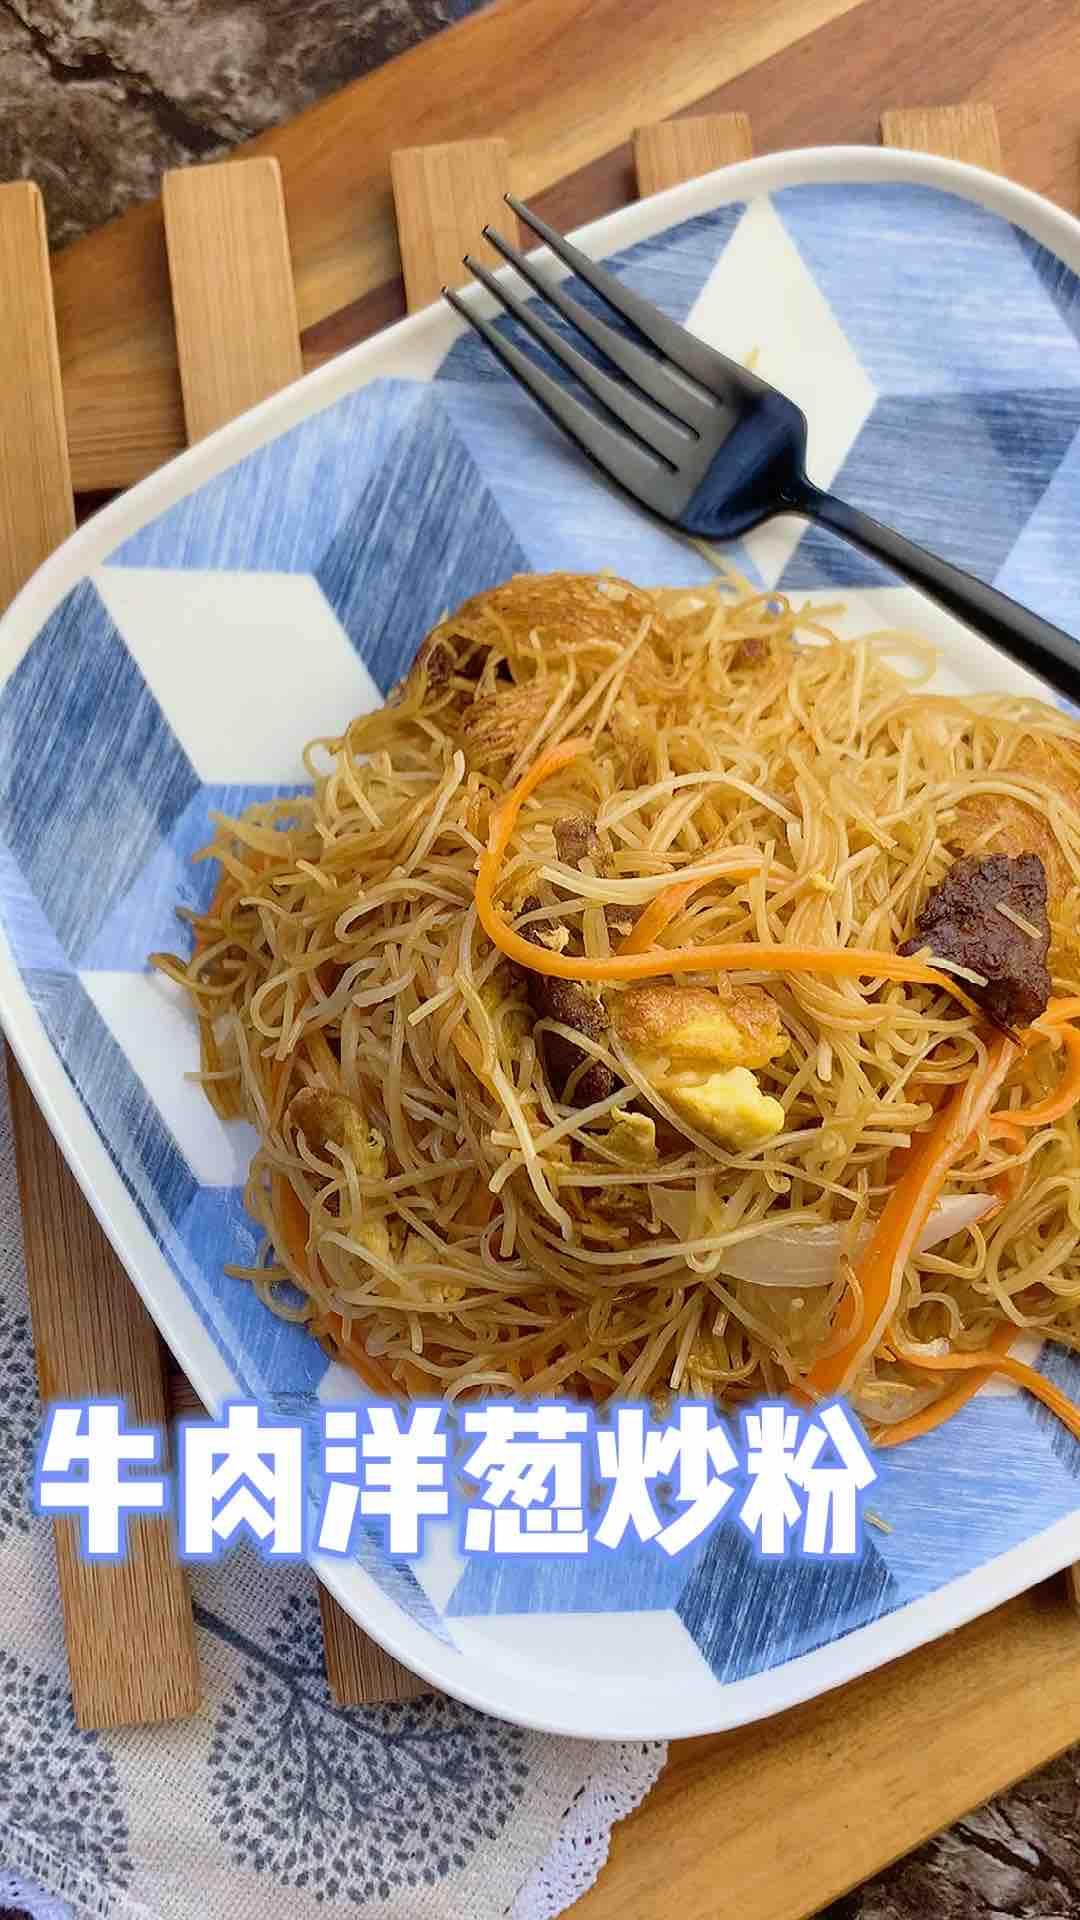 牛肉洋葱炒粉